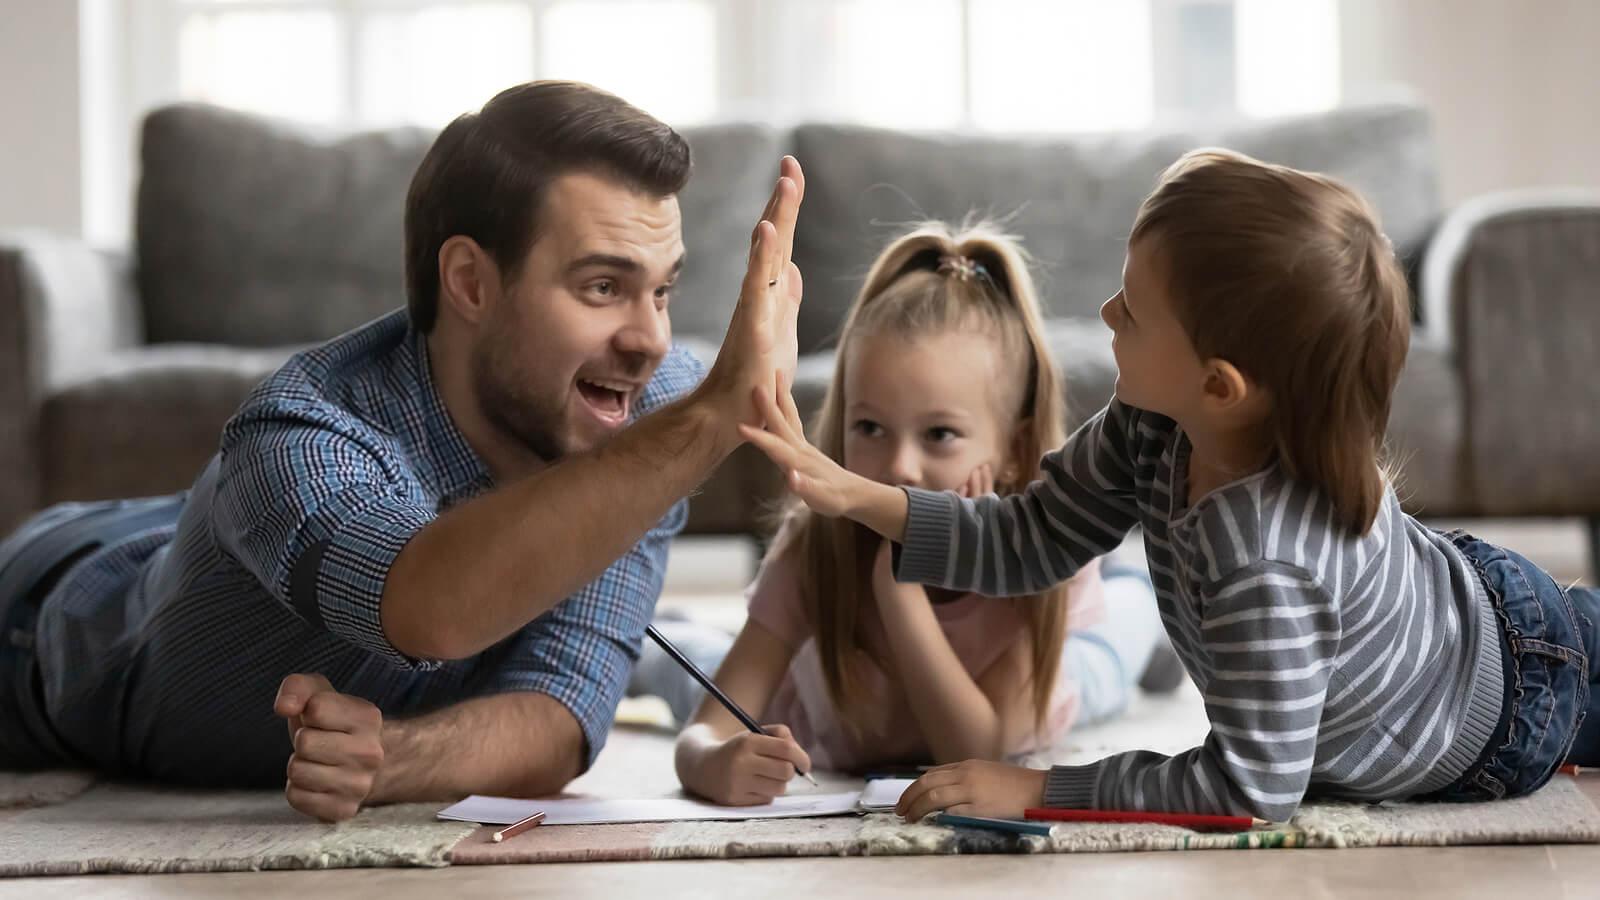 Padre chocando la mano con su hijo como parte de usar los elogios como premios y recompensas para niños.